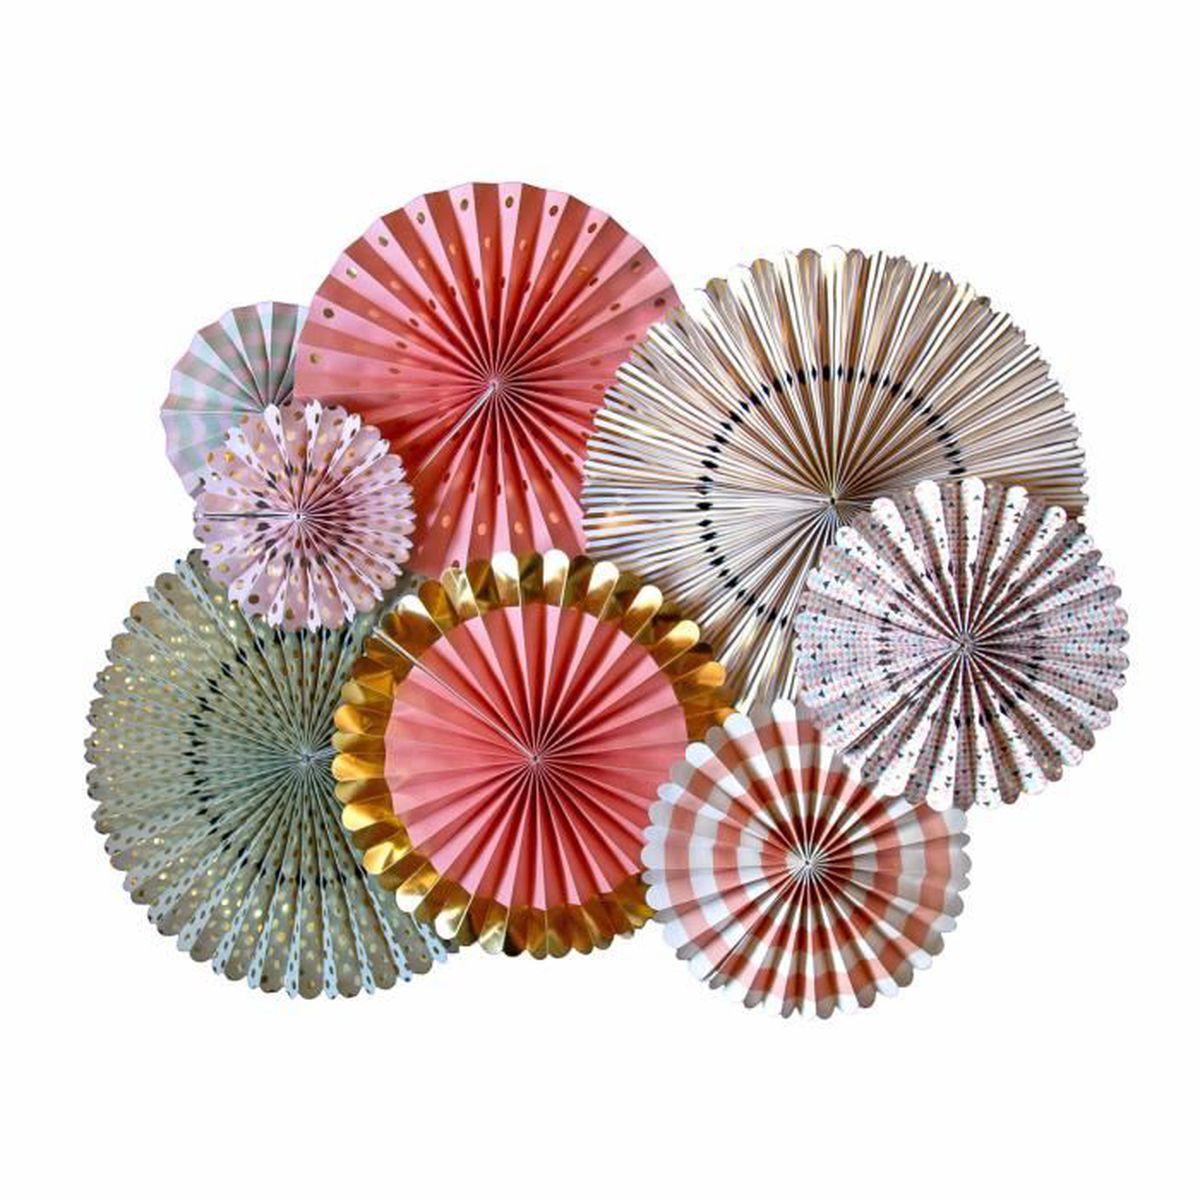 8 pcs fleur de ventilateur d'origami papier guirlande kit golden